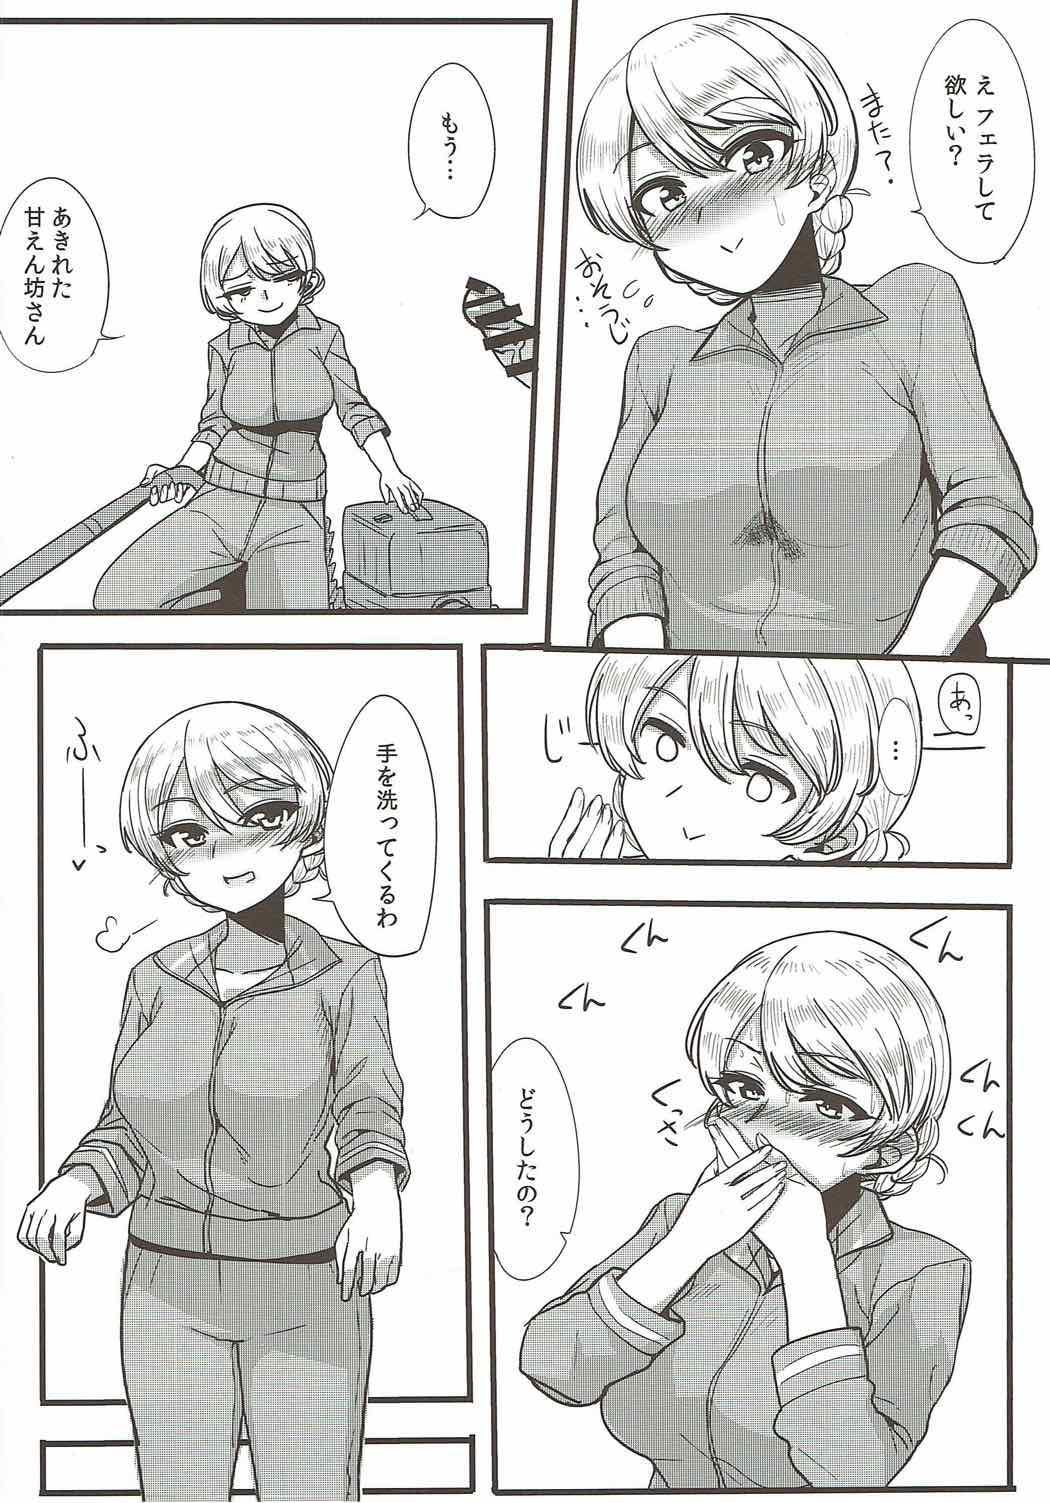 (C92) [Hanao Shouke (Yanase Kotatsu)] Oku-sama wa Dar-sama (Girls und Panzer) 10